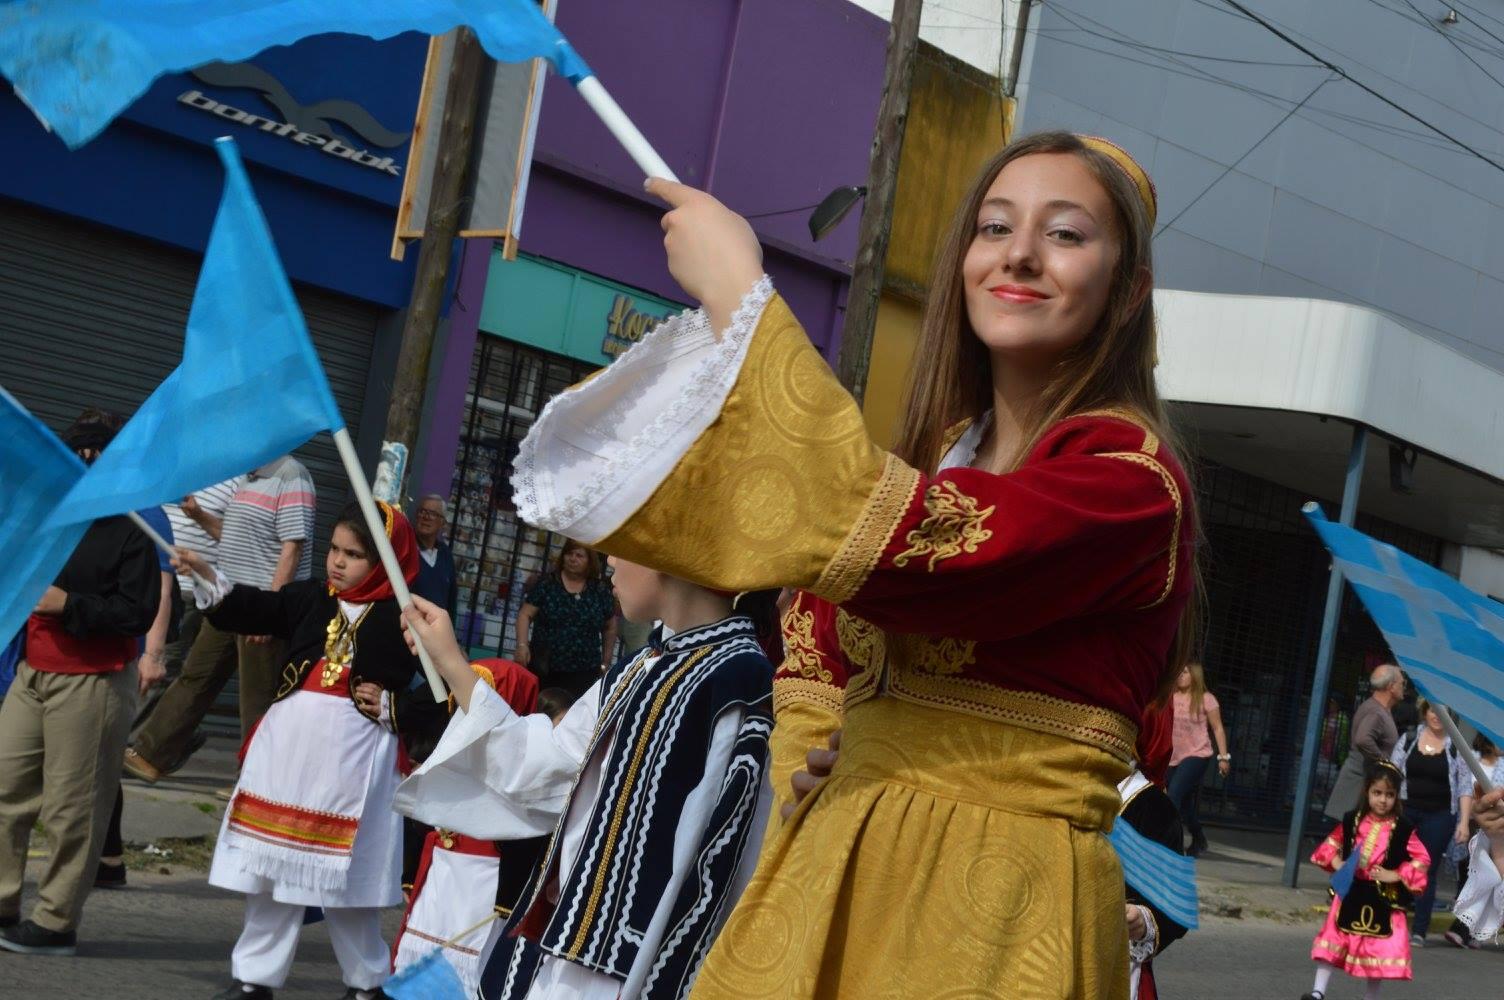 Este domingo se realizó el cierre de la 40ª Fiesta Provincial del Inmigrante, con el tradicional desfile sobre la avenida Montevideo donde las colectividades hicieron sus pasadas y cientos de vecinos disfrutaron en los cordones de cada una de ellas.